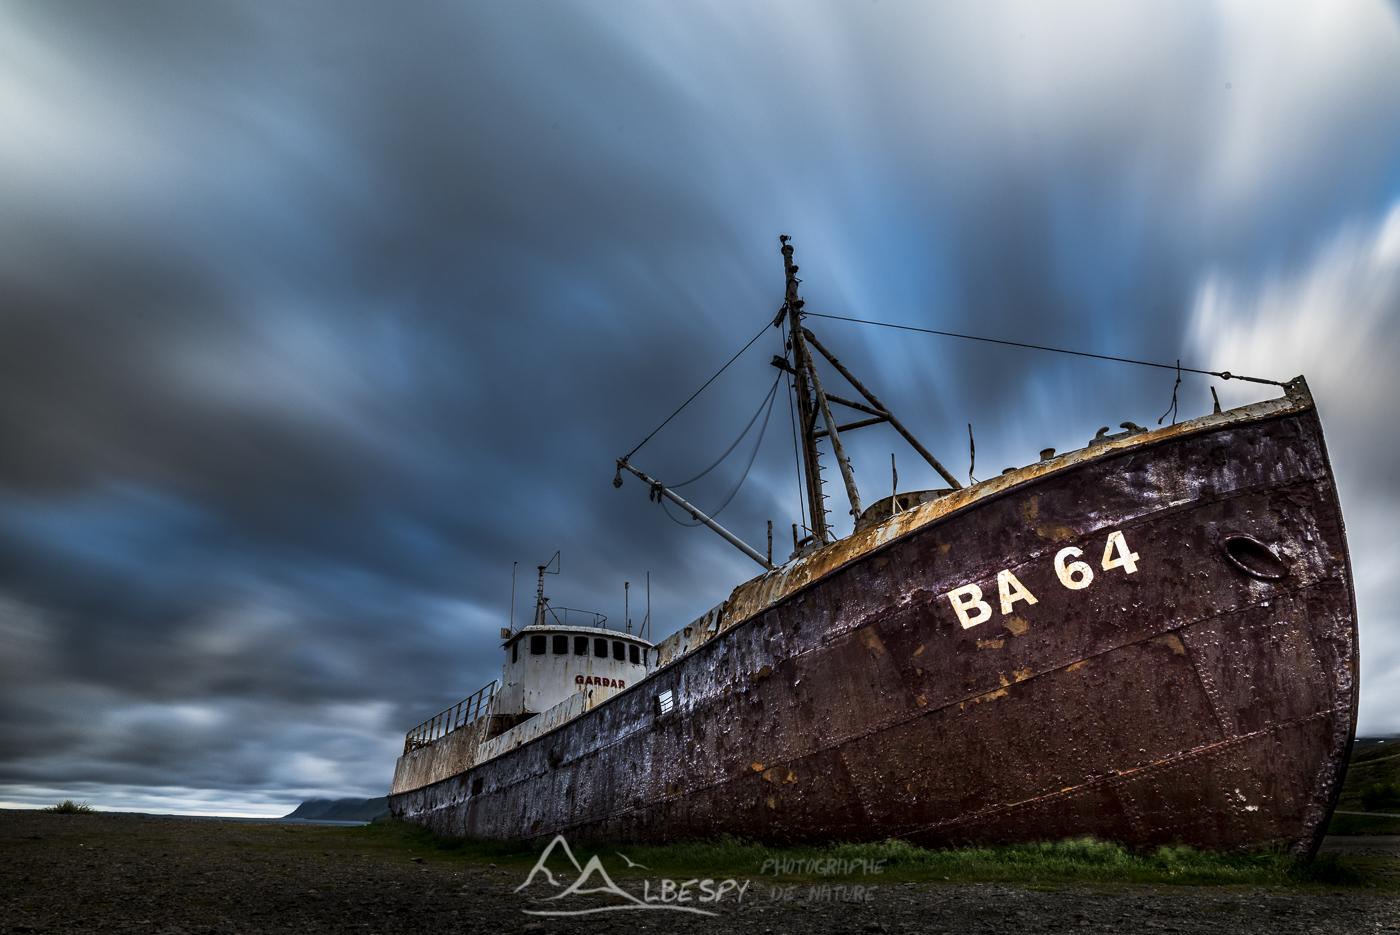 Épave du Gardar BA-64 (Fjord du Nord Ouest) n°0834